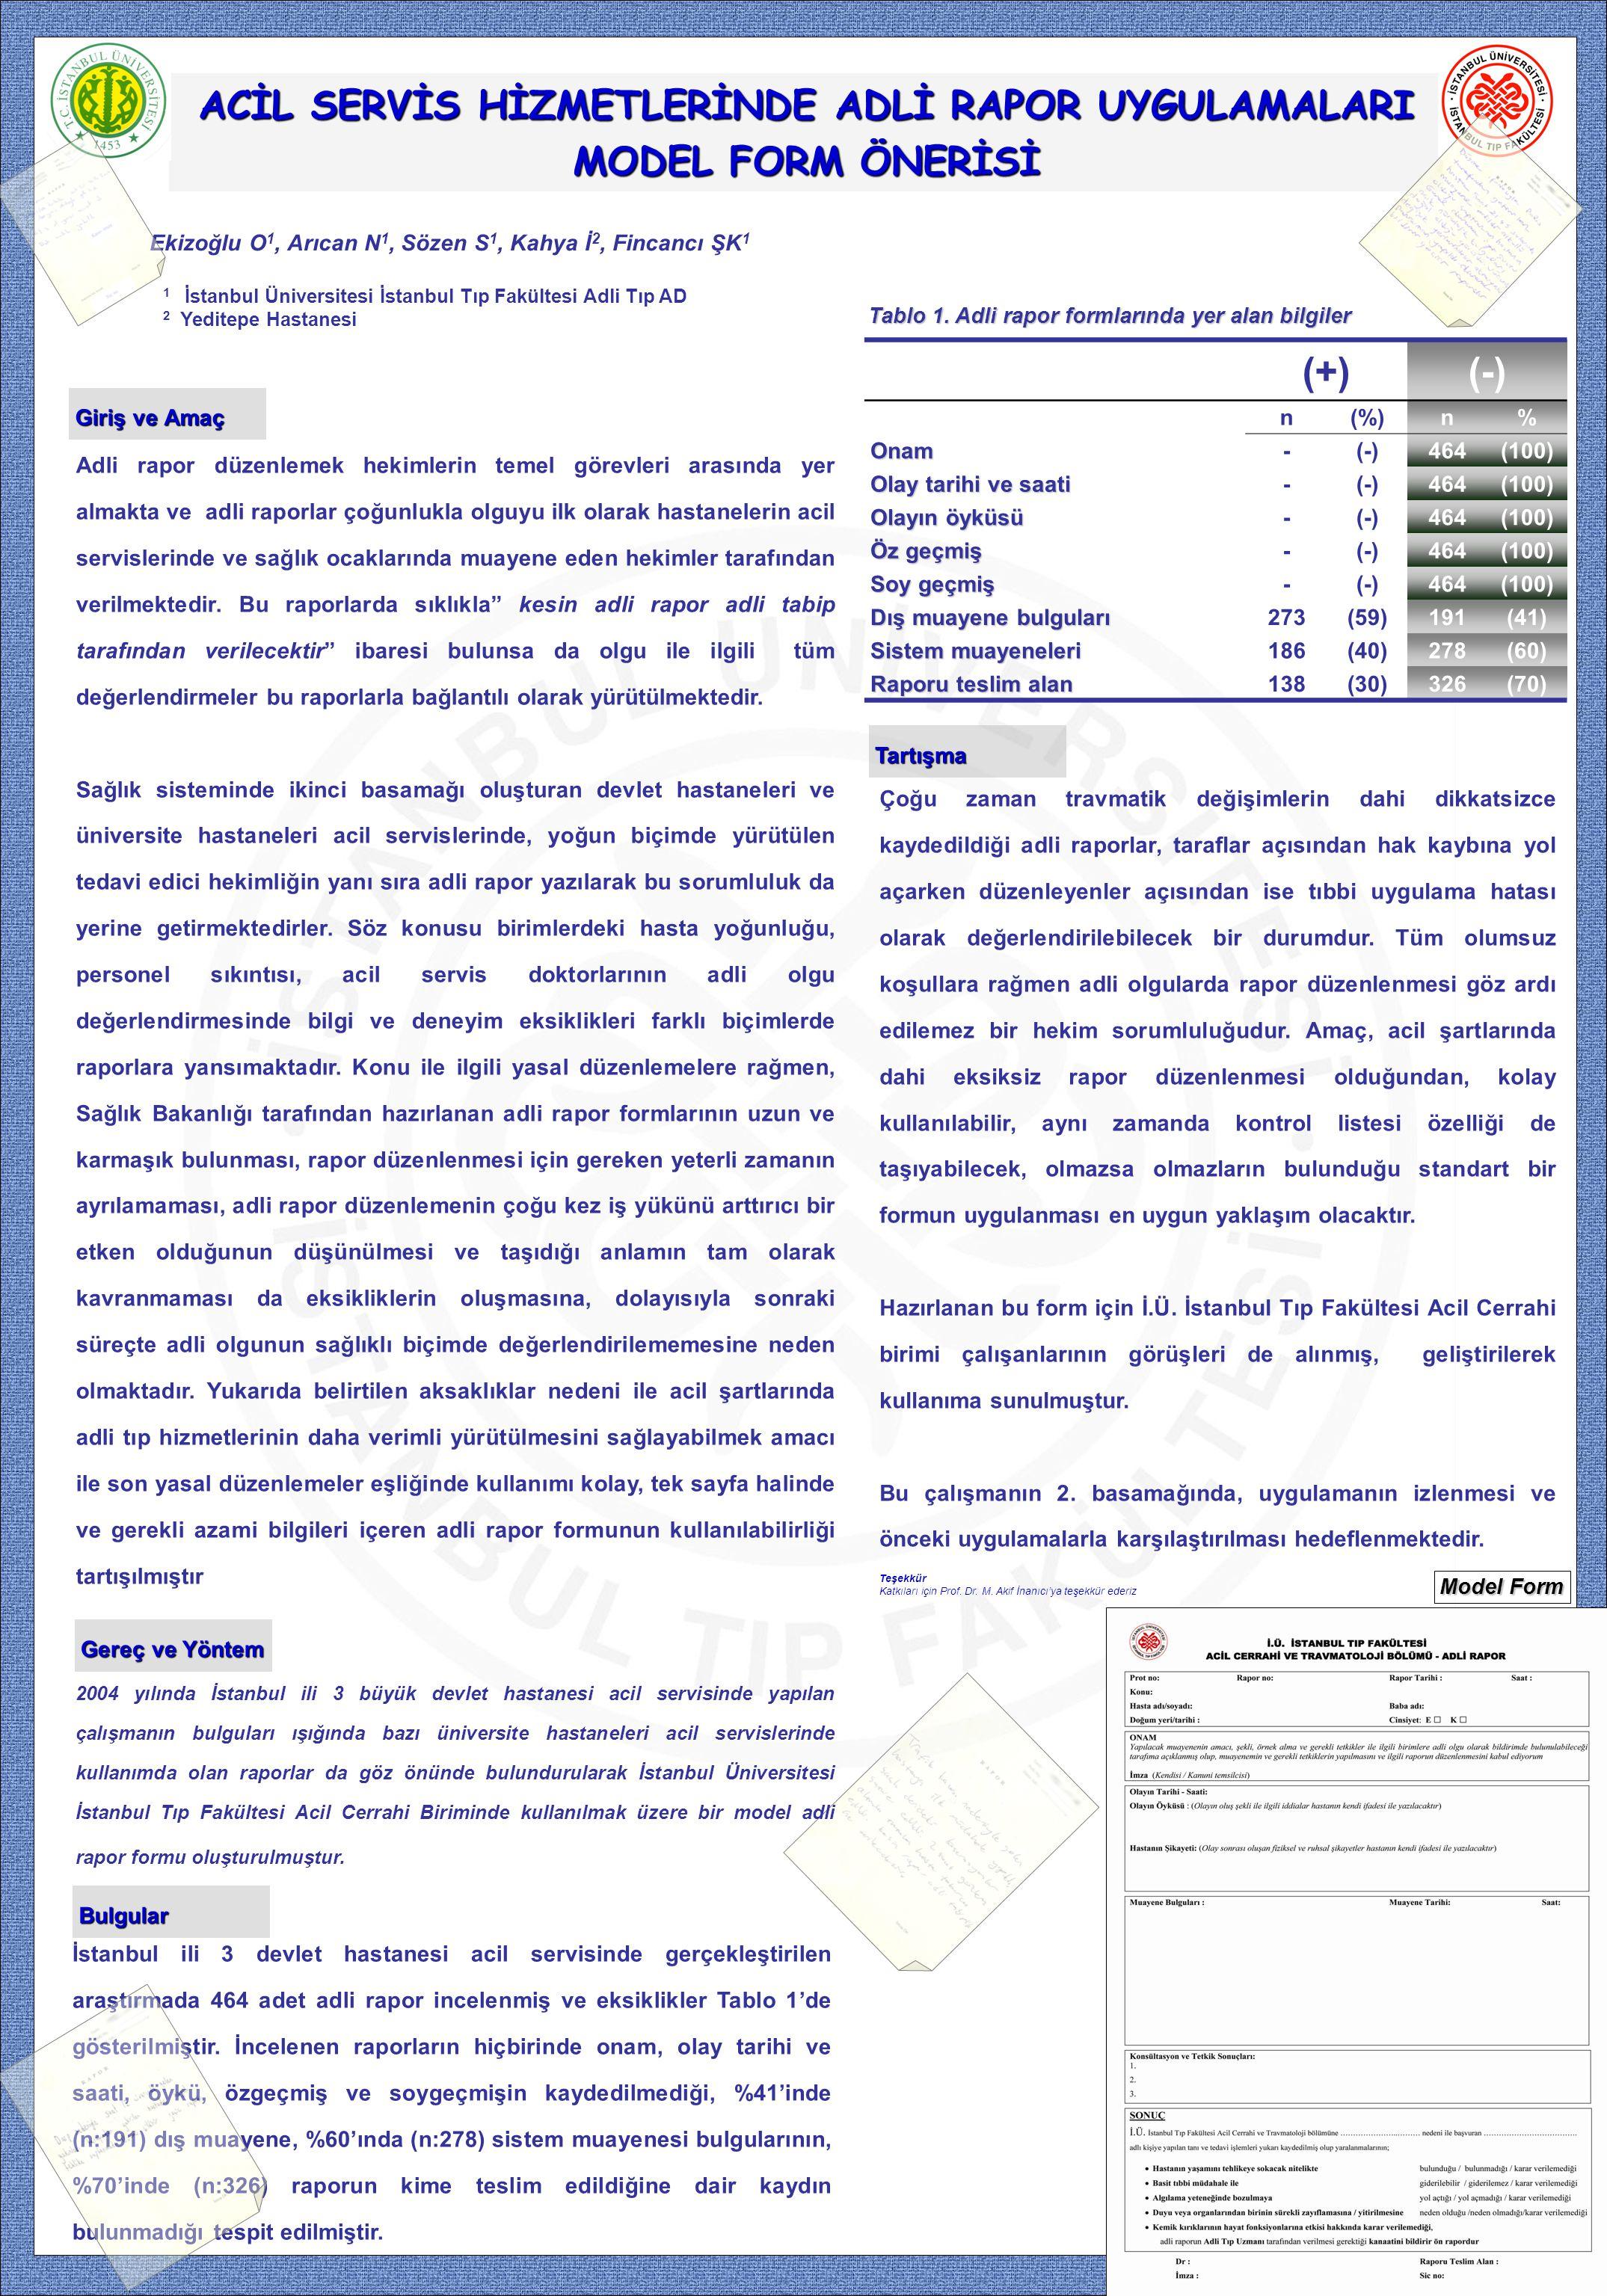 ACİL SERVİS HİZMETLERİNDE ADLİ RAPOR UYGULAMALARI MODEL FORM ÖNERİSİ Ekizoğlu O 1, Arıcan N 1, Sözen S 1, Kahya İ 2, Fincancı ŞK 1 1 İstanbul Üniversitesi İstanbul Tıp Fakültesi Adli Tıp AD 2 Yeditepe Hastanesi İstanbul ili 3 devlet hastanesi acil servisinde gerçekleştirilen araştırmada 464 adet adli rapor incelenmiş ve eksiklikler Tablo 1'de gösterilmiştir.